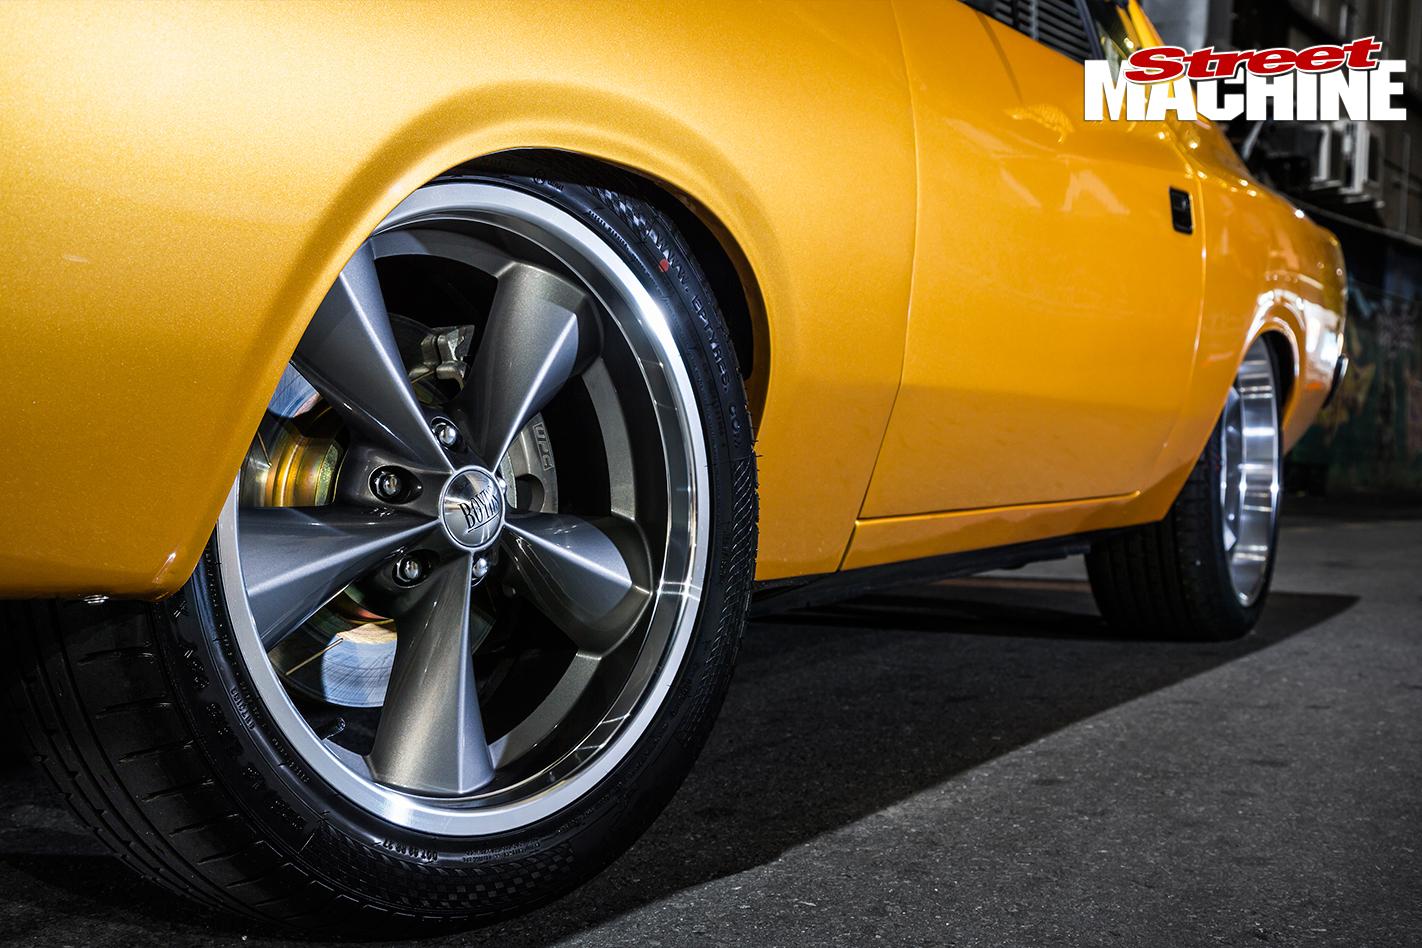 Chrysler -VJ-Charger -wheel